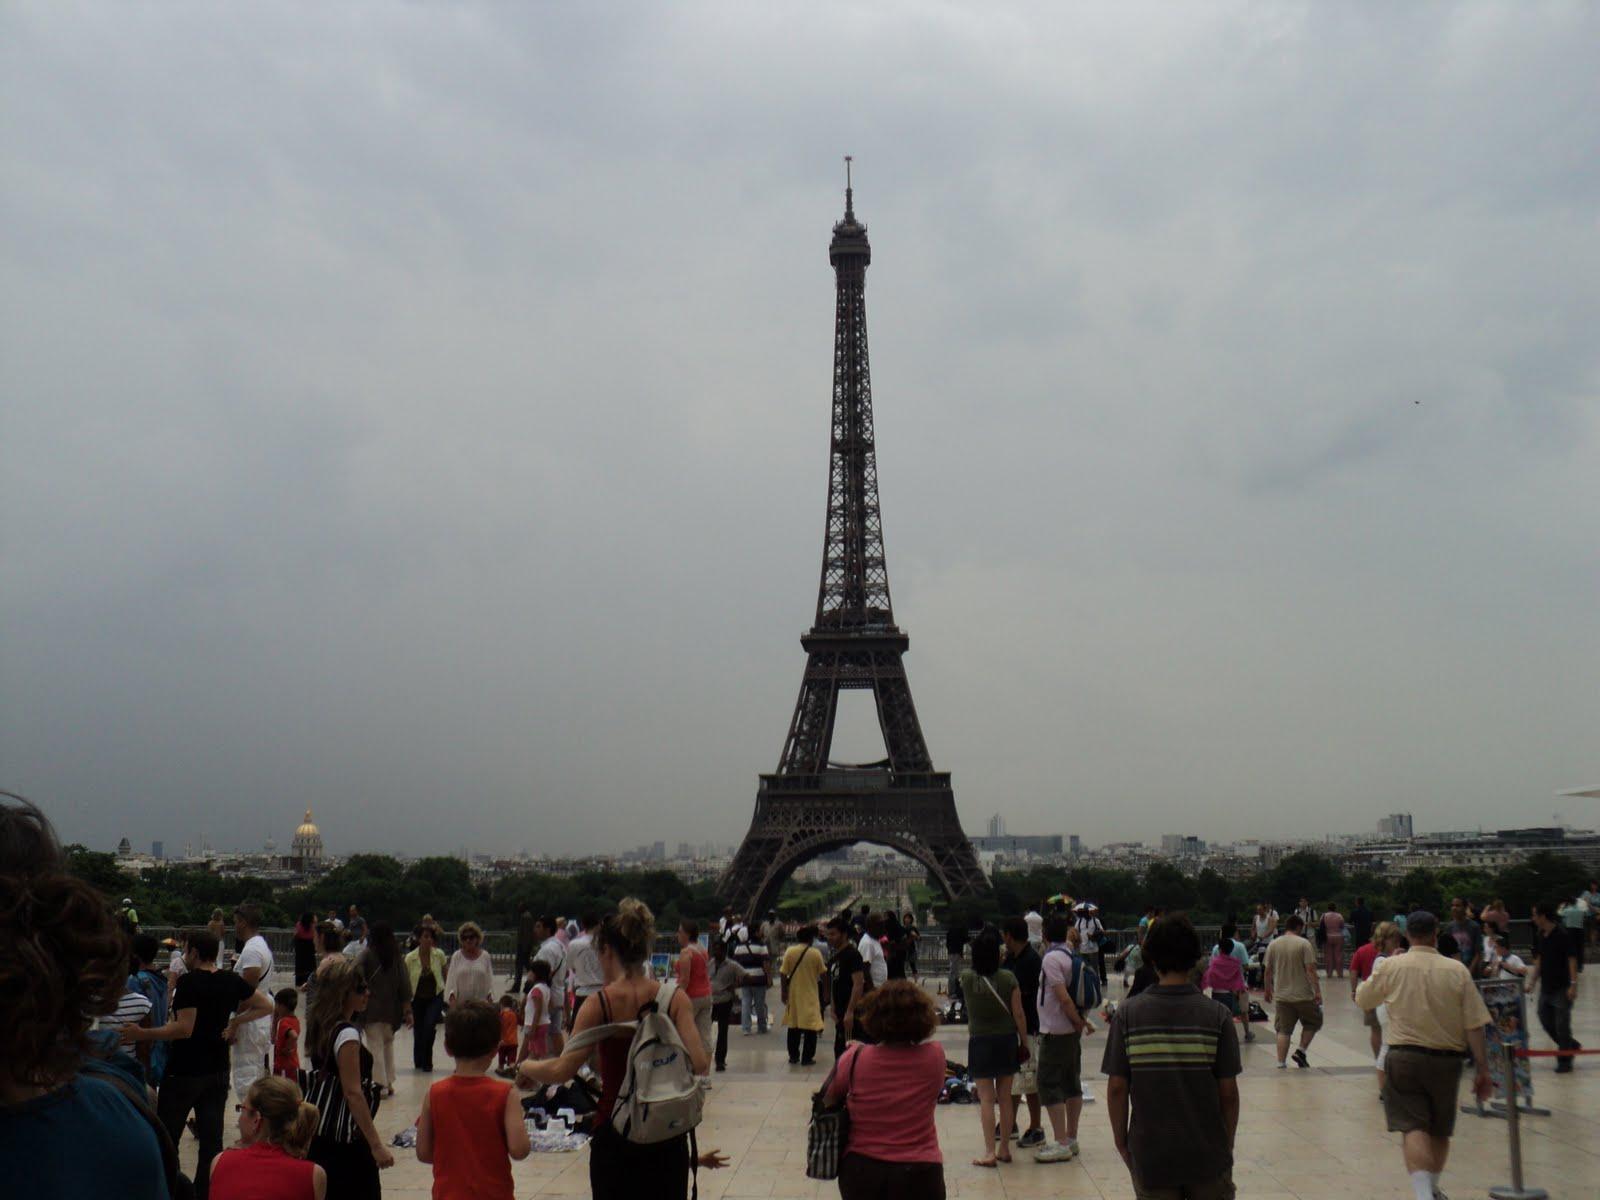 http://2.bp.blogspot.com/_ig-ht77Epw8/TDuJi84xxmI/AAAAAAAAAKo/IjY_F-MY2u8/s1600/Tour+Eiffel.JPG